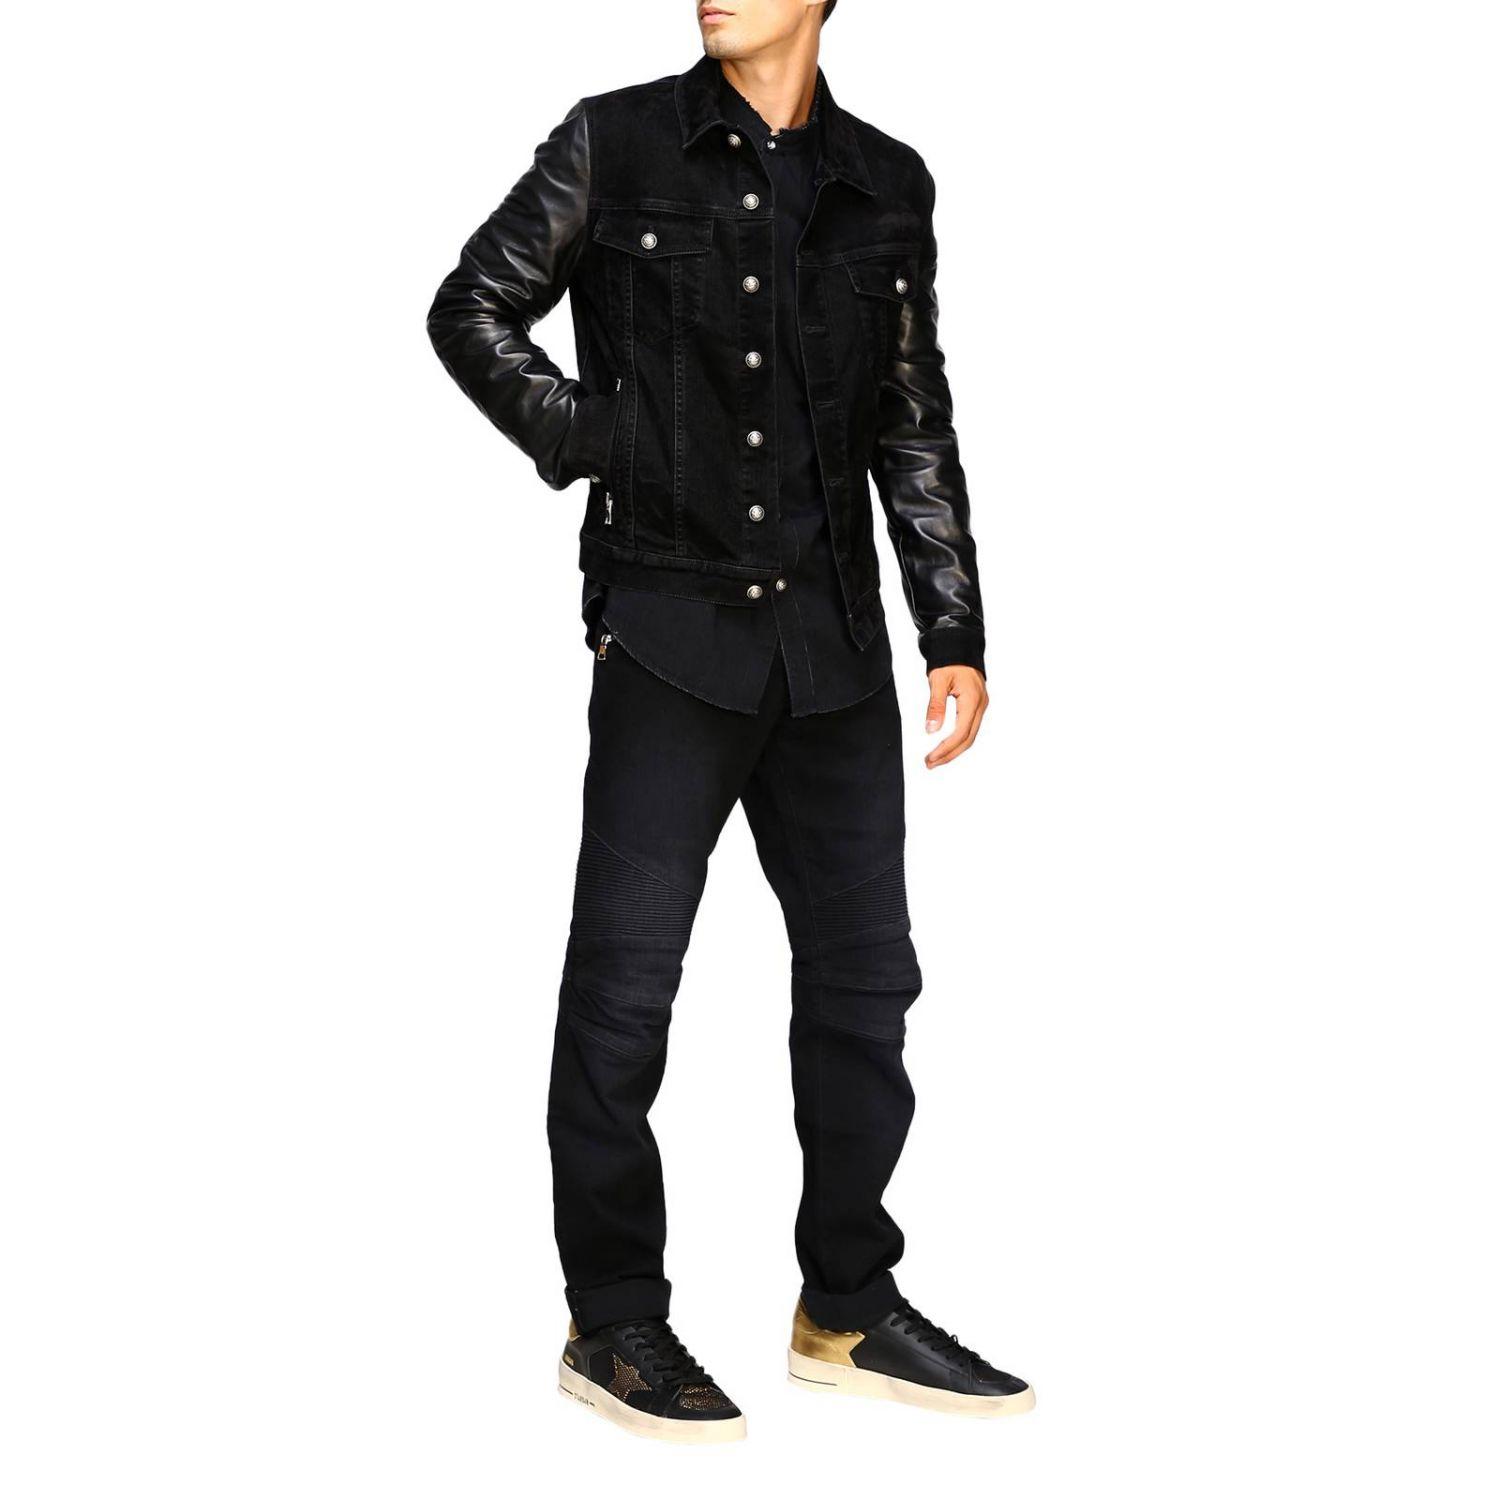 Balmain Camicia Denim con logo dietro nero 2